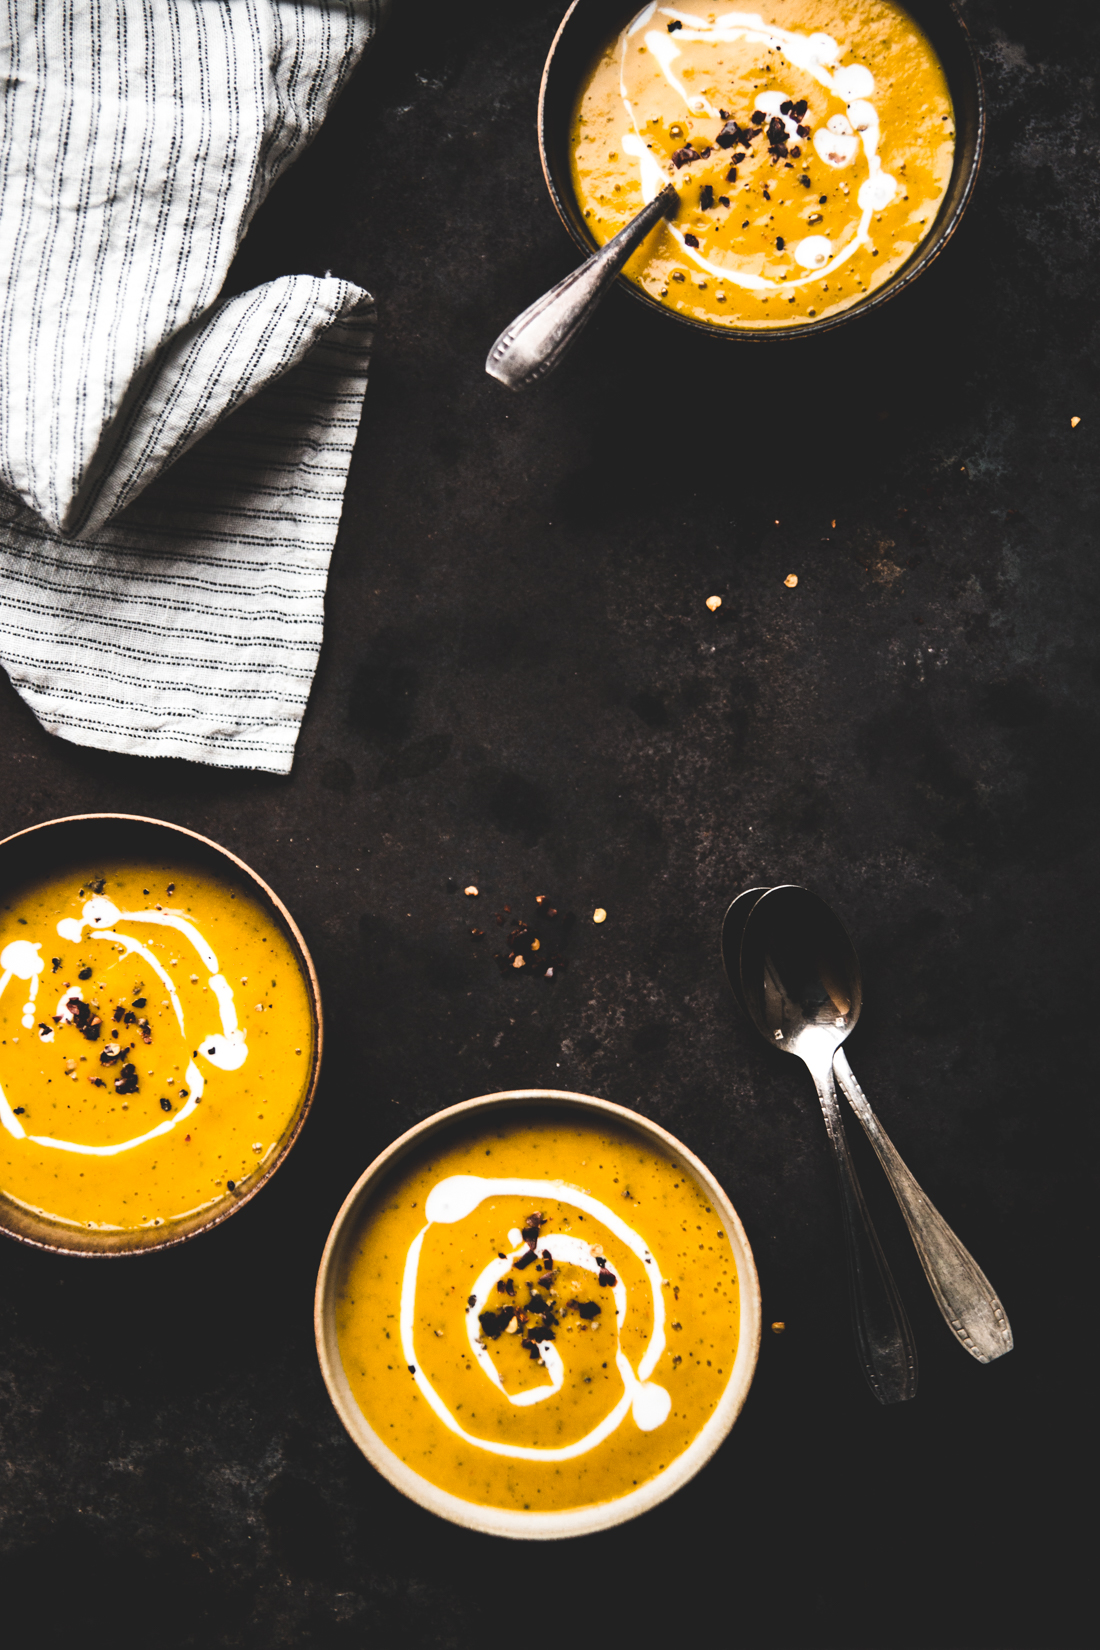 soupe-potimarron-lait-de-cooco-epicee-ophelie-lauret-ophelies-kitchen-book-32